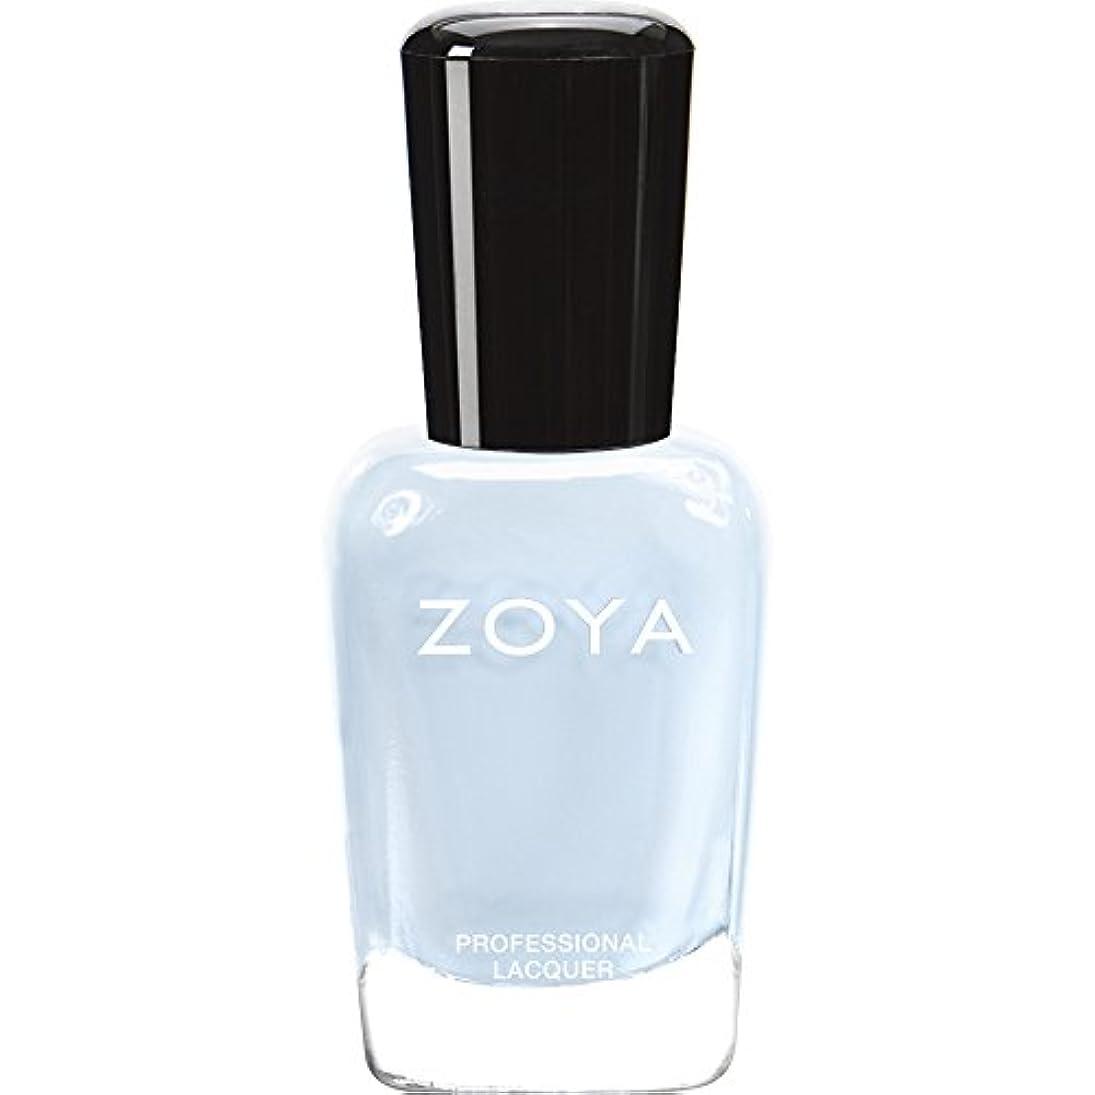 タイムリーなグレートオーク好ましいZOYA ゾーヤ ネイルカラー ZP653 BLU ブルー 15ml  2012 LOVELY COLLECTION 光沢のある淡いベビーブルー マット 爪にやさしいネイルラッカーマニキュア